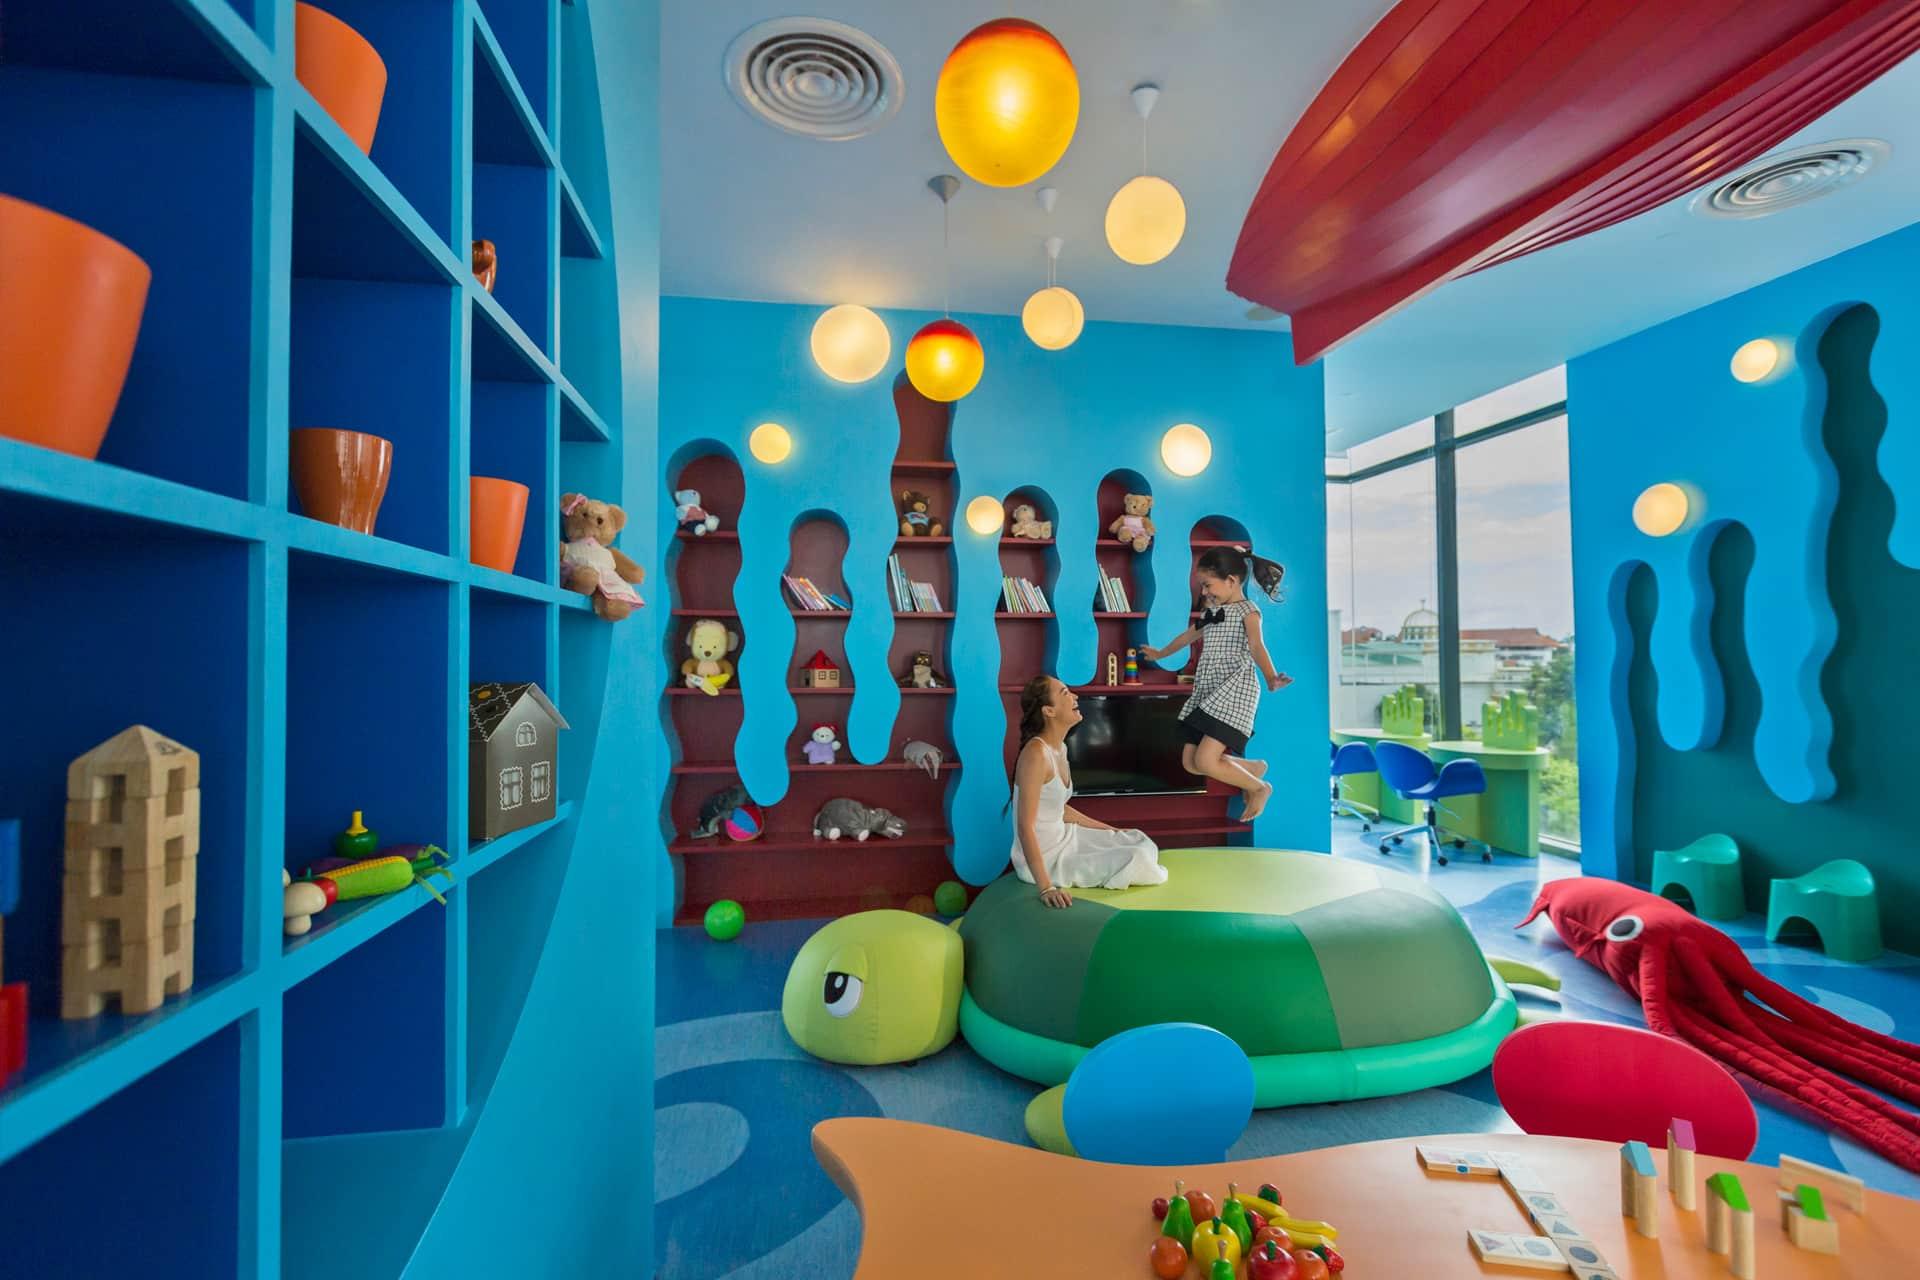 FelixHug_Hotels-&-Resorts_15